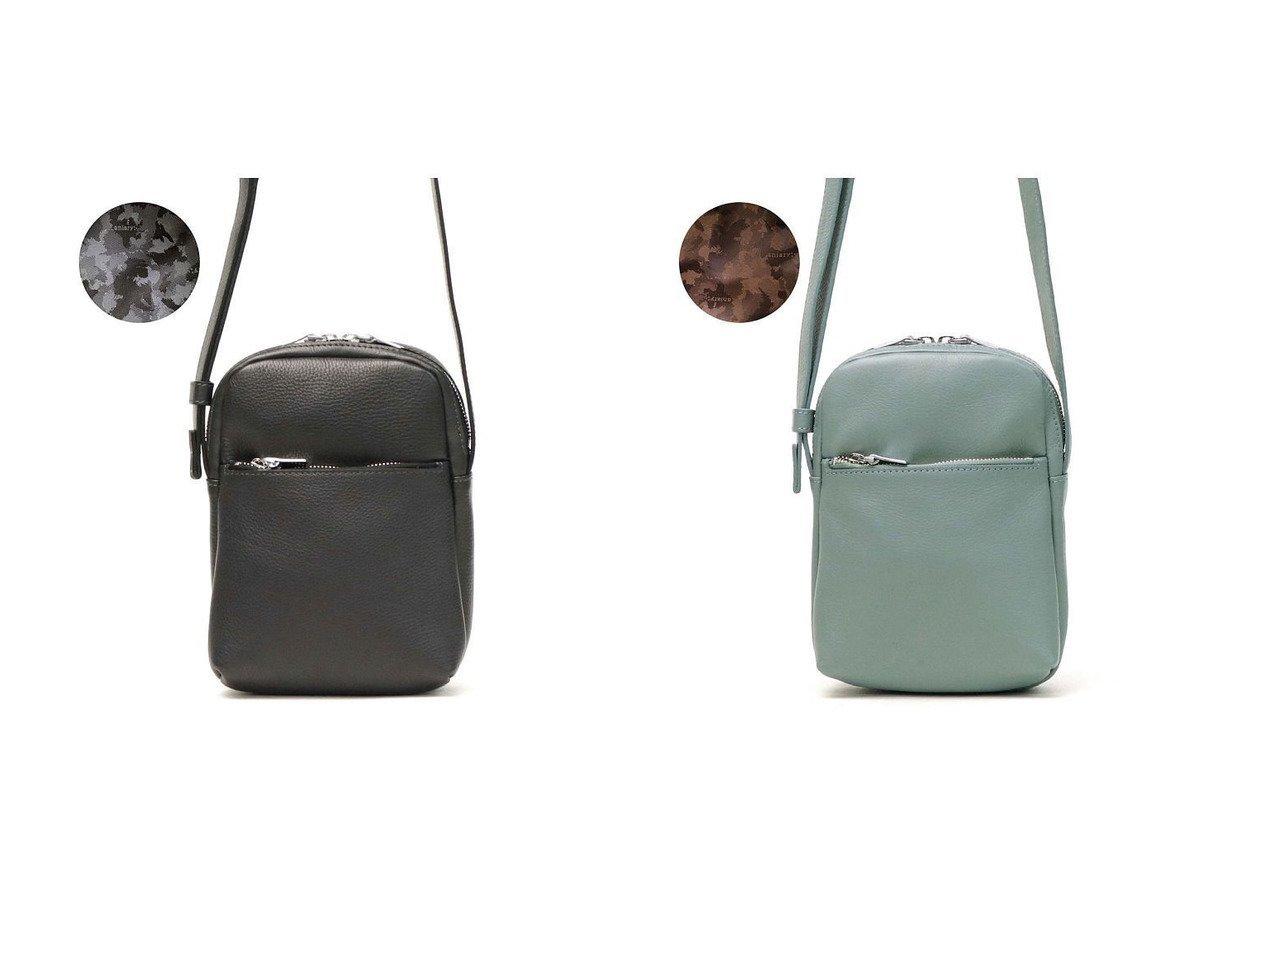 【aniary/アニアリ】のアニアリ ショルダーバッグ aniary シュリンクレザー Shrink Leather ミニショルダー 斜めがけバッグ ポシェット 本革 07-03005 おすすめ!人気、トレンド・レディースファッションの通販  おすすめで人気の流行・トレンド、ファッションの通販商品 インテリア・家具・メンズファッション・キッズファッション・レディースファッション・服の通販 founy(ファニー) https://founy.com/ ファッション Fashion レディースファッション WOMEN エレガント キーホルダー コンパクト ショルダー ジャケット 財布 ポケット ポシェット ワンポイント 再入荷 Restock/Back in Stock/Re Arrival おすすめ Recommend |ID:crp329100000062209